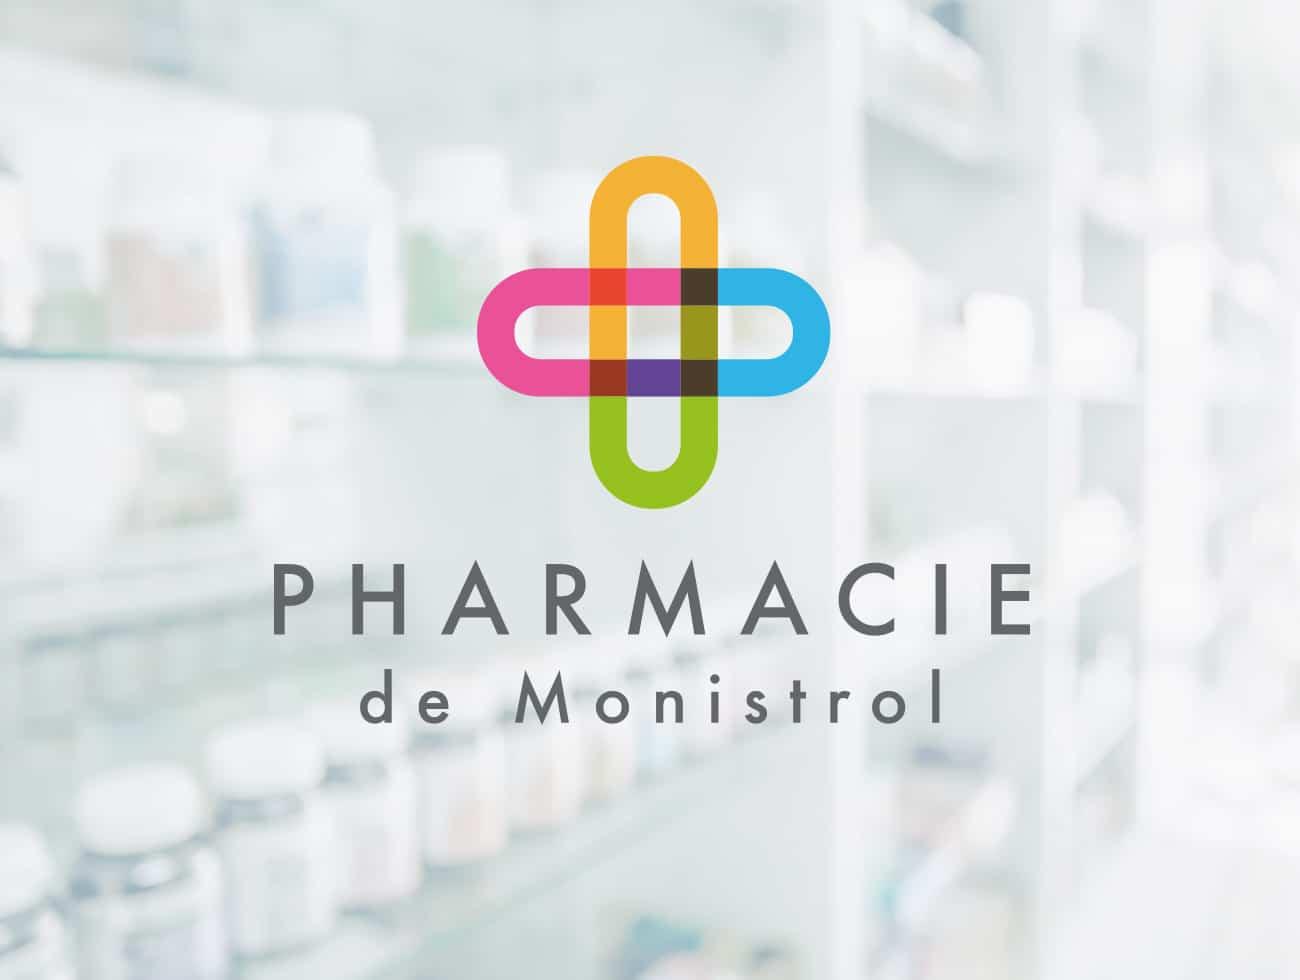 pharmacie-monistrol-communication-bretagne-lorient-logo-identité-visuelle